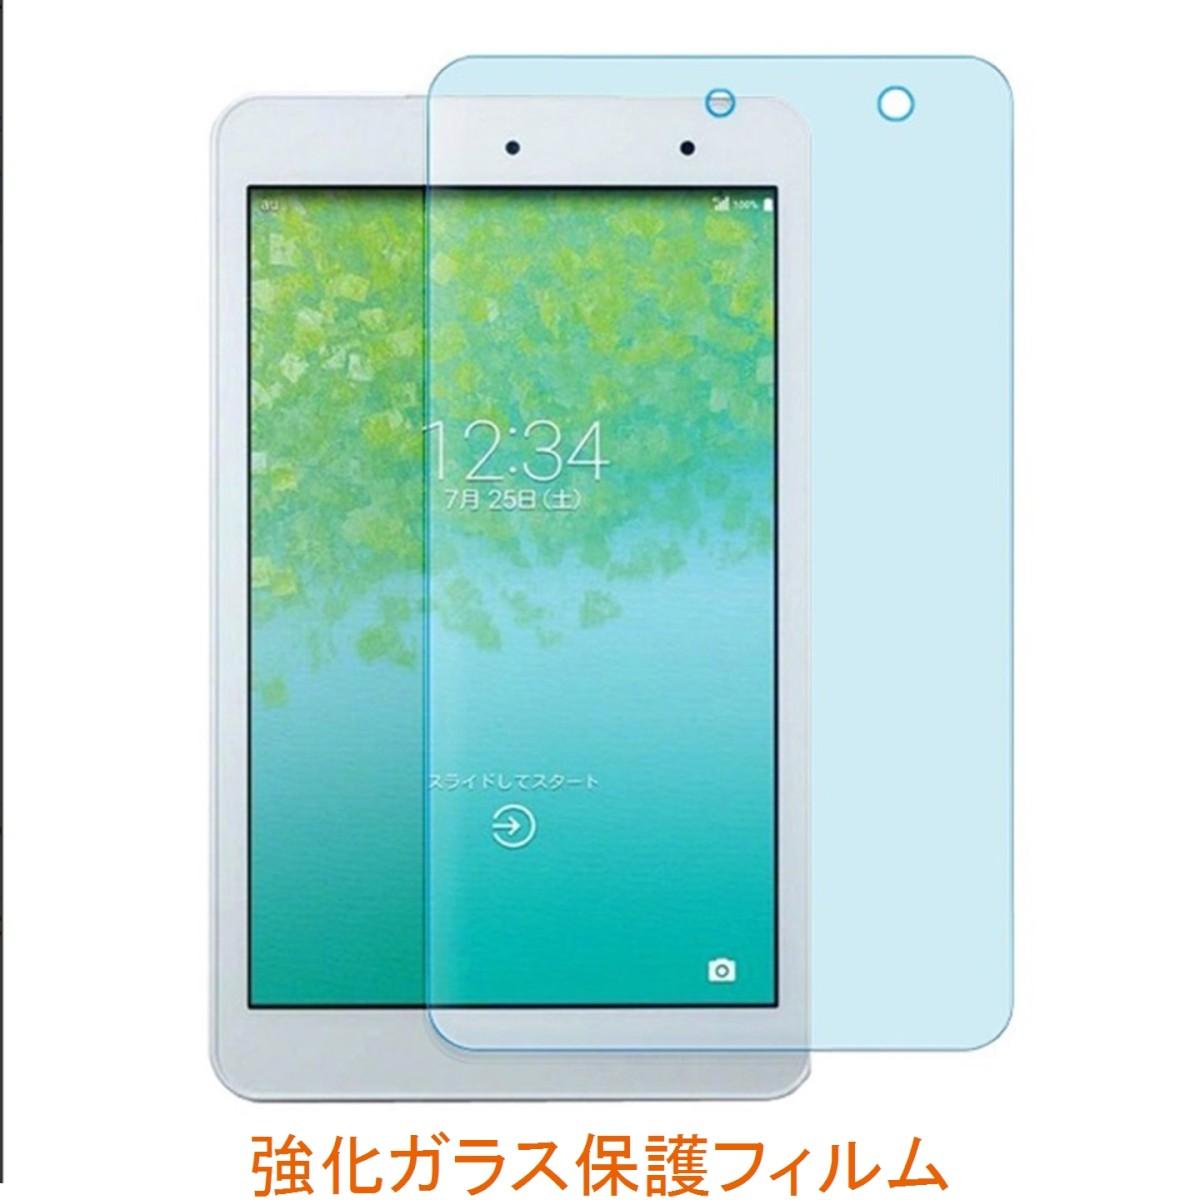 メール便送料無料 KYOCERA au Qua tab 今季も再入荷 KYT31 強化ガラス 8インチ 9H 2.5D 激安通販専門店 液晶保護フィルム 0.33mm